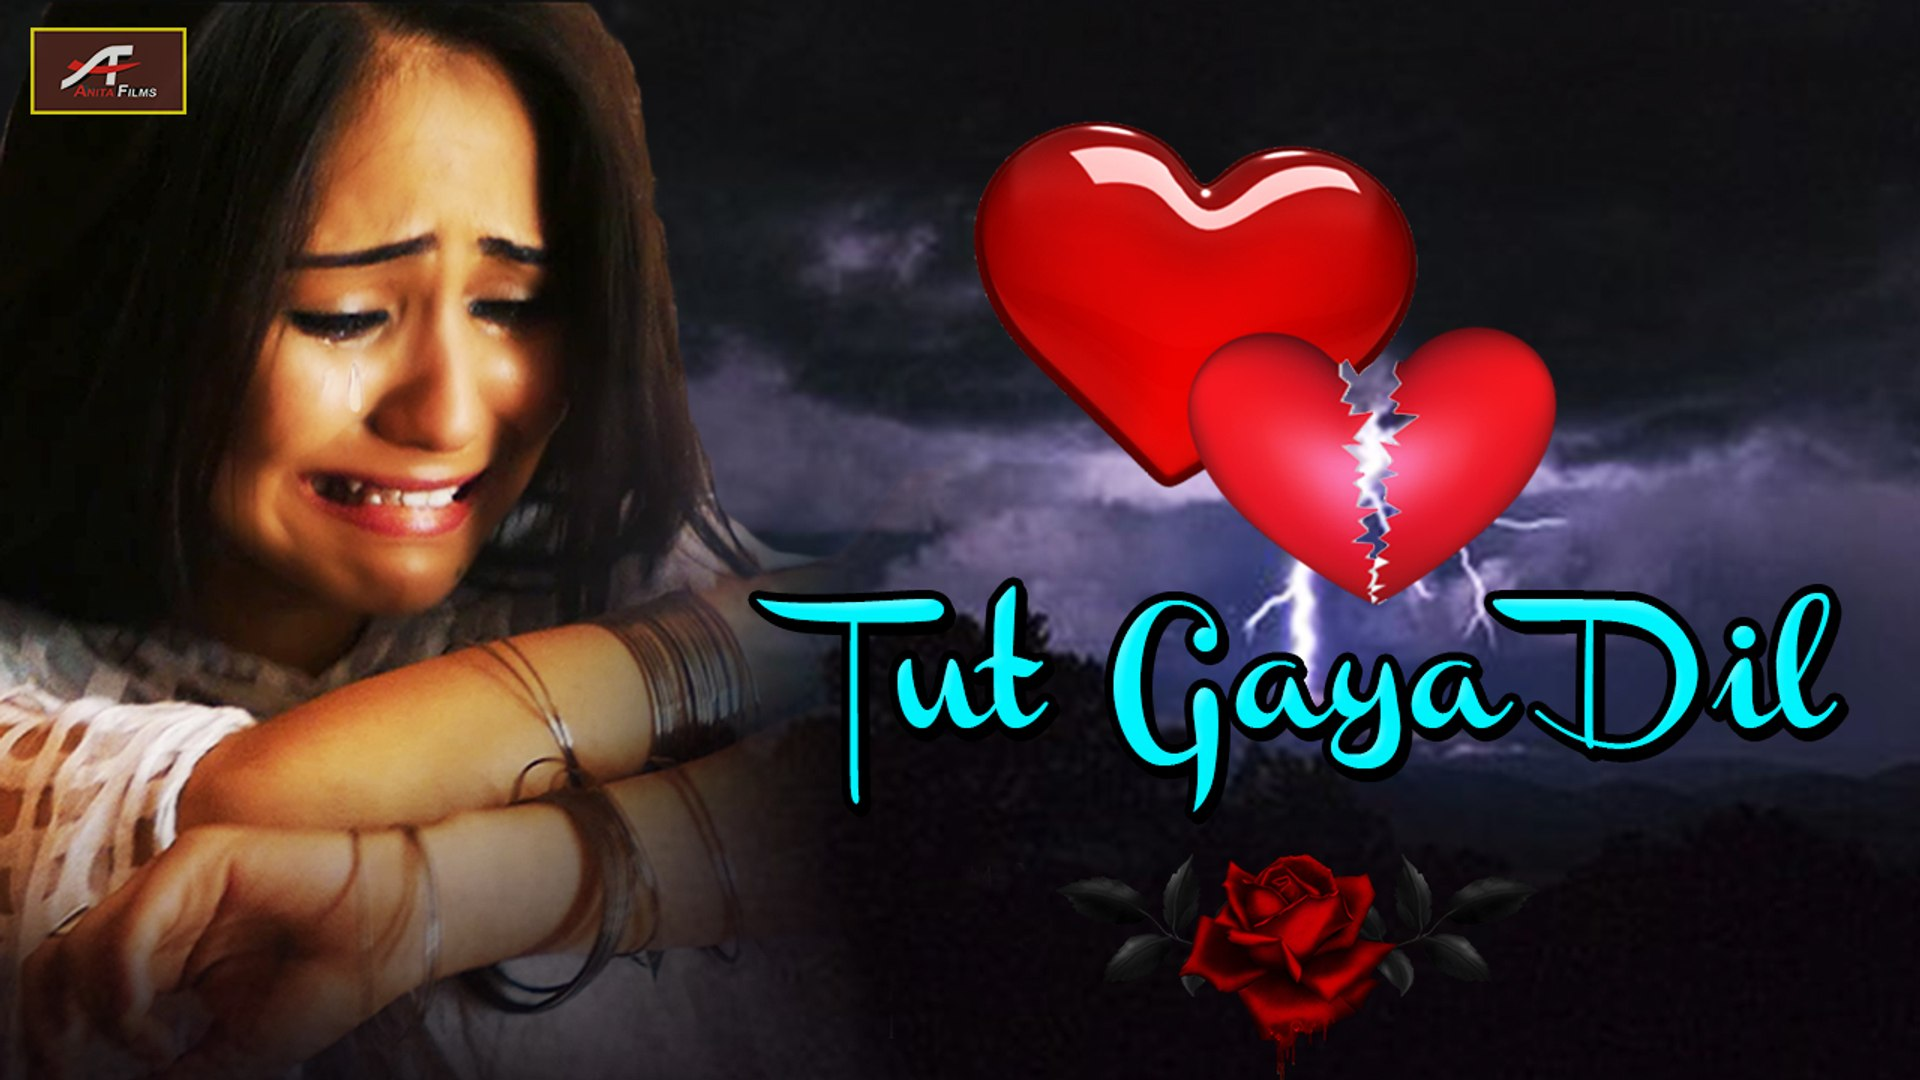 बेवफाई का सबसे दर्द भरा गीत ये गाना आपको रुला देगा | Tut GAYA Dil | Best  Broken Heart Songs | Hindi Sad Songs | Bewafai Song #Bewafaai - video  dailymotion